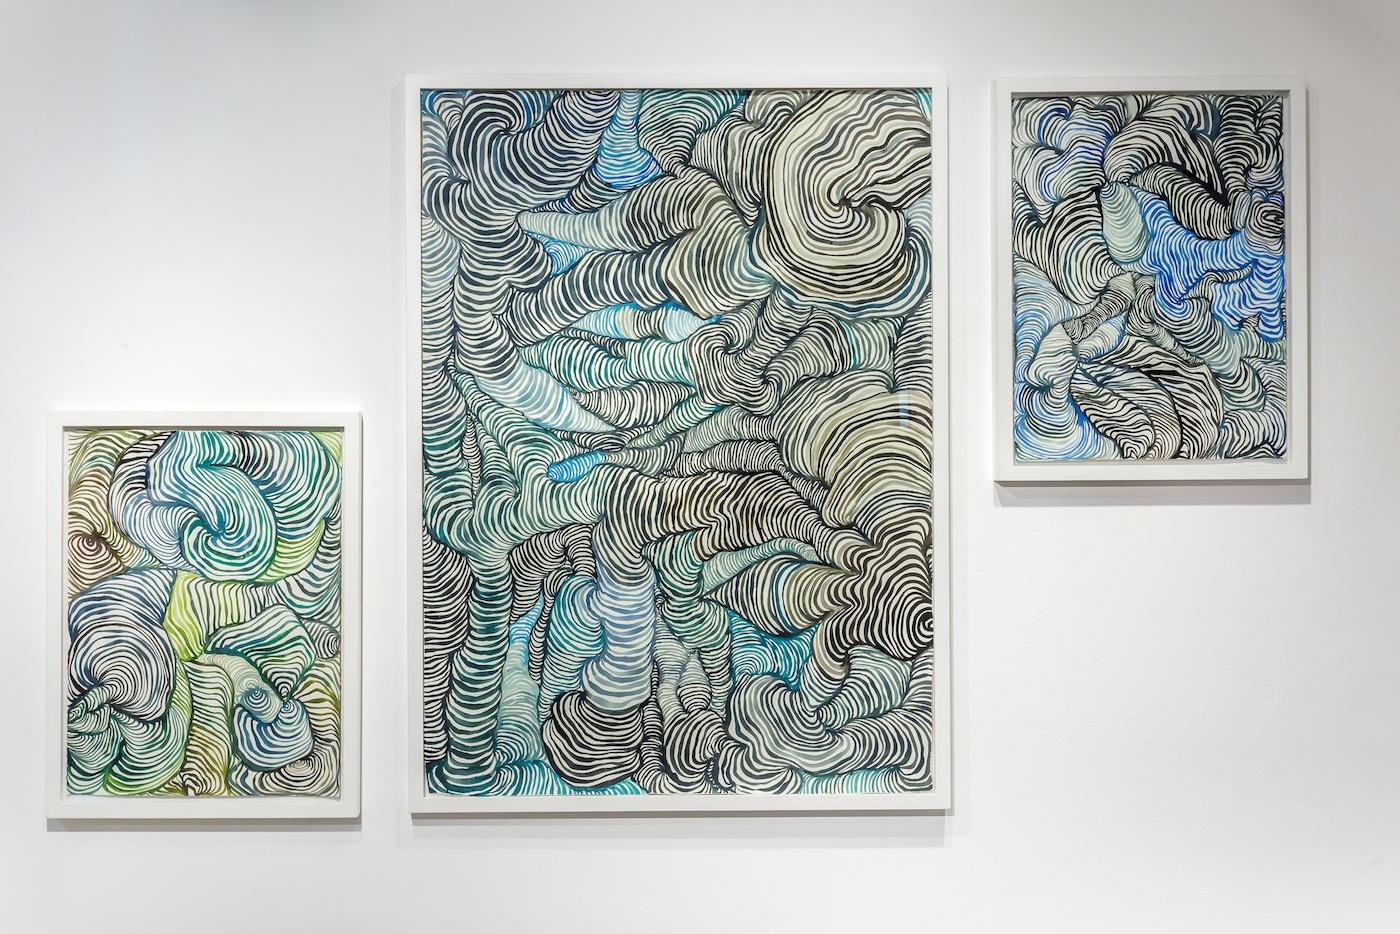 Maurizio Donzelli, Disegno del Quasi, cm 110 x 150, acrilico su carta puro cotone, 2016. Veduta della mostra Invisibile-No, Marignana Arte, Venezia